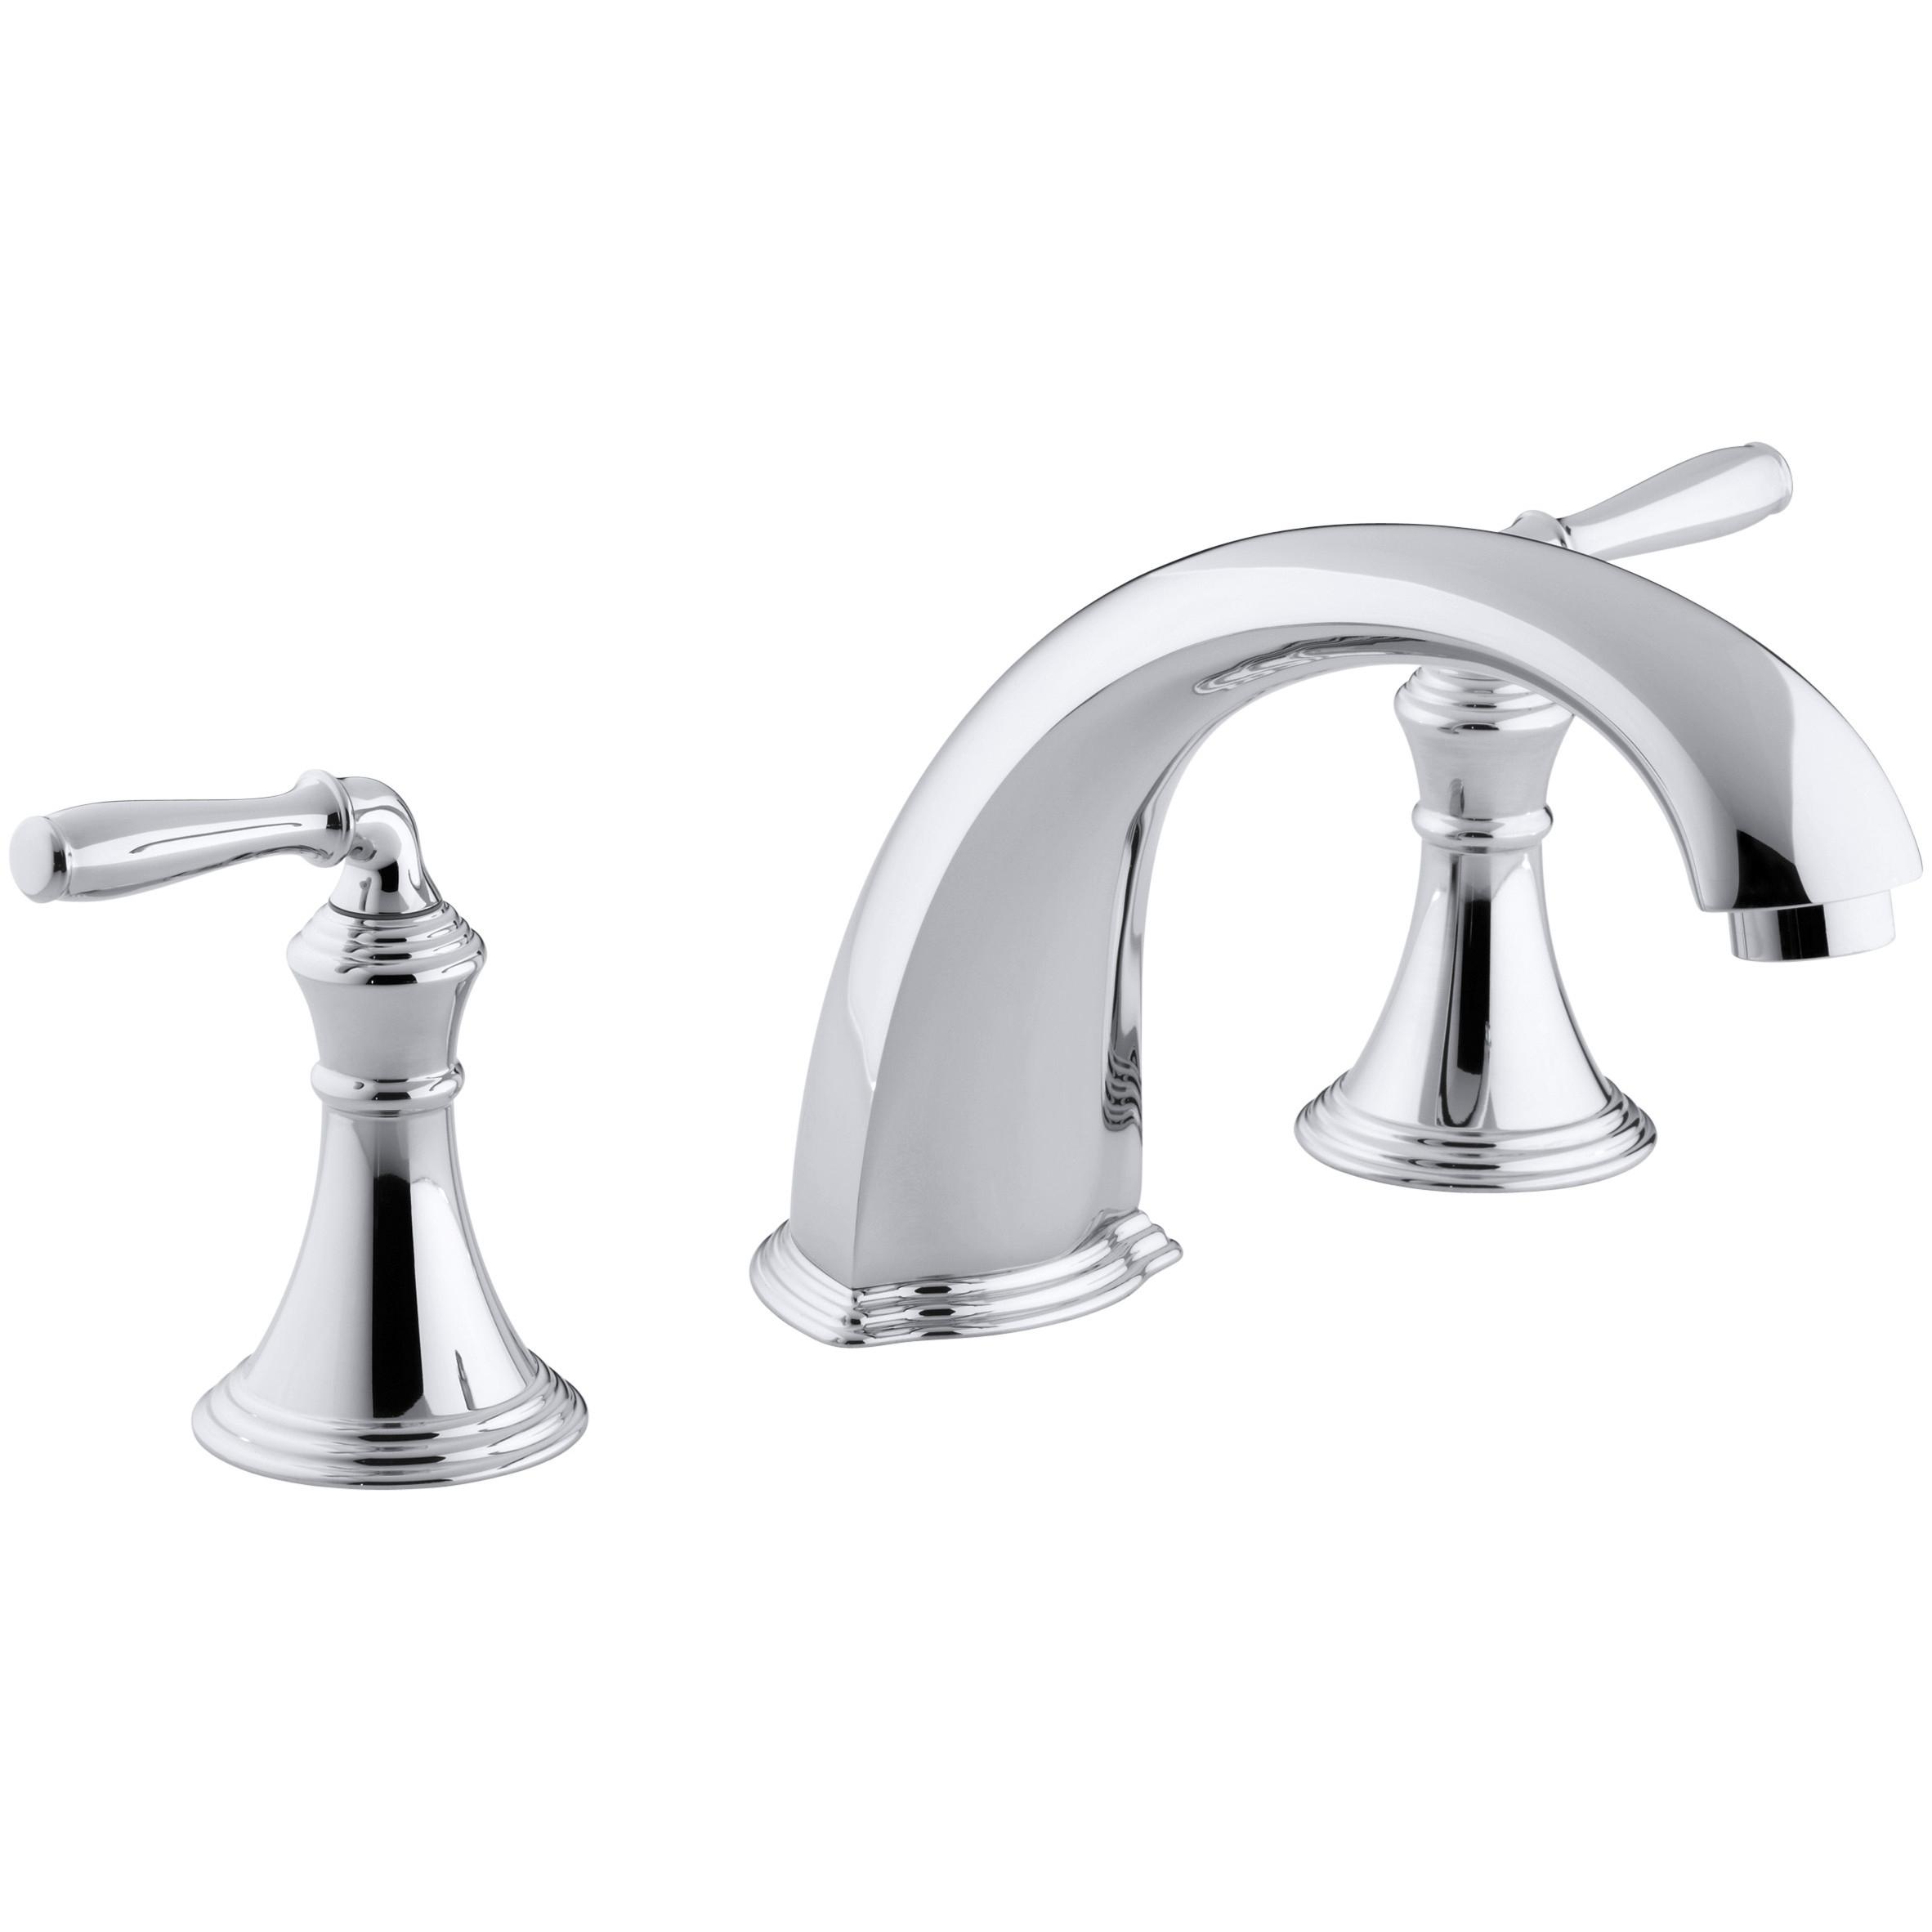 Ideas, kohler taboret sink faucet kohler taboret sink faucet 58 high flow shower valve high flow thermostatic rain shower 2364 x 2364  .